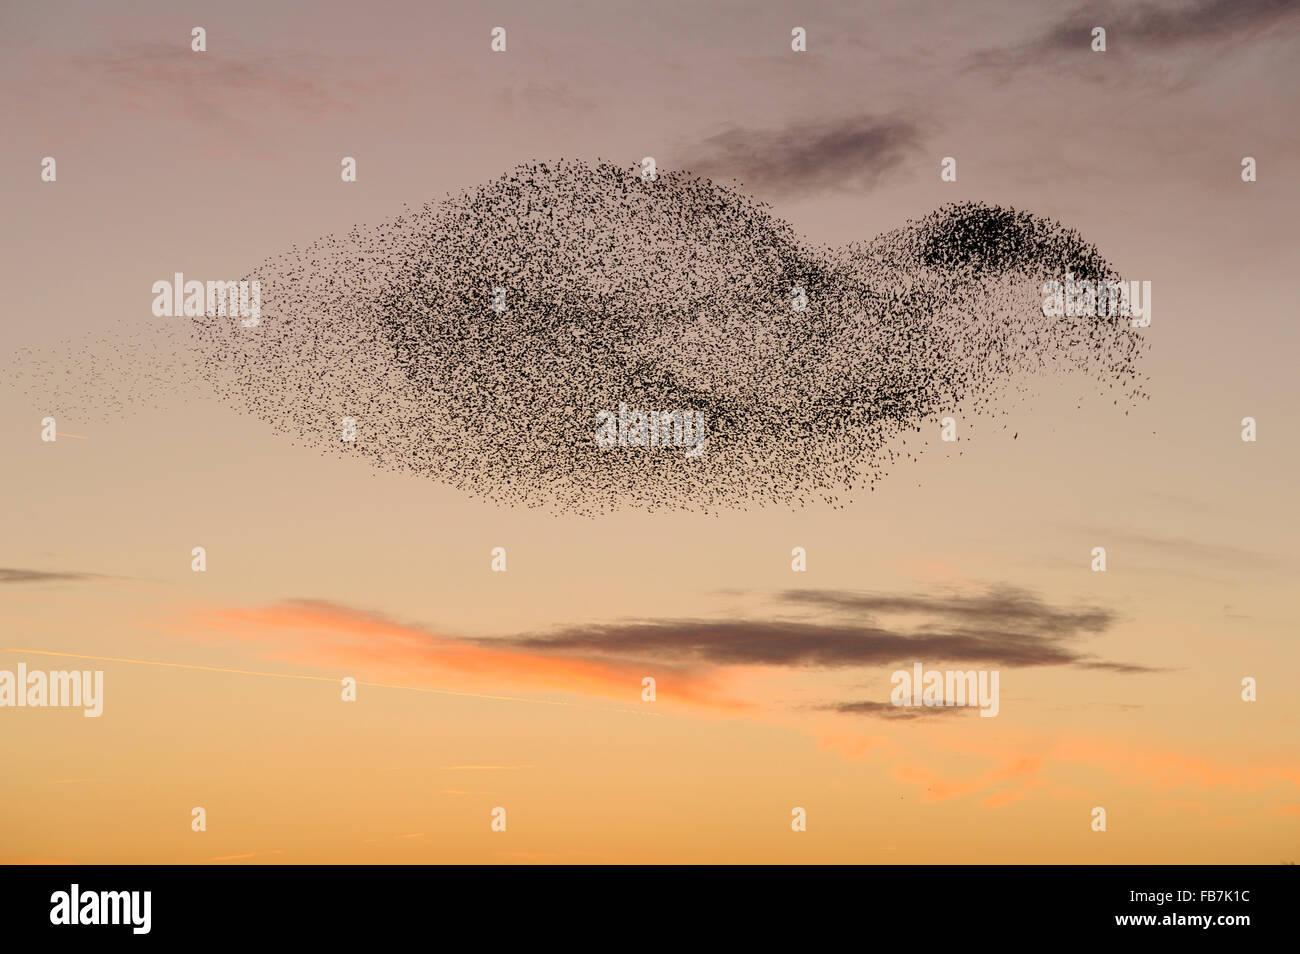 Troupeau de Starling (Sturnus vulgaris) au coucher du soleil, avec le faucon pèlerin (Falco peregrinus), volant à proximité du troupeau. Banque D'Images